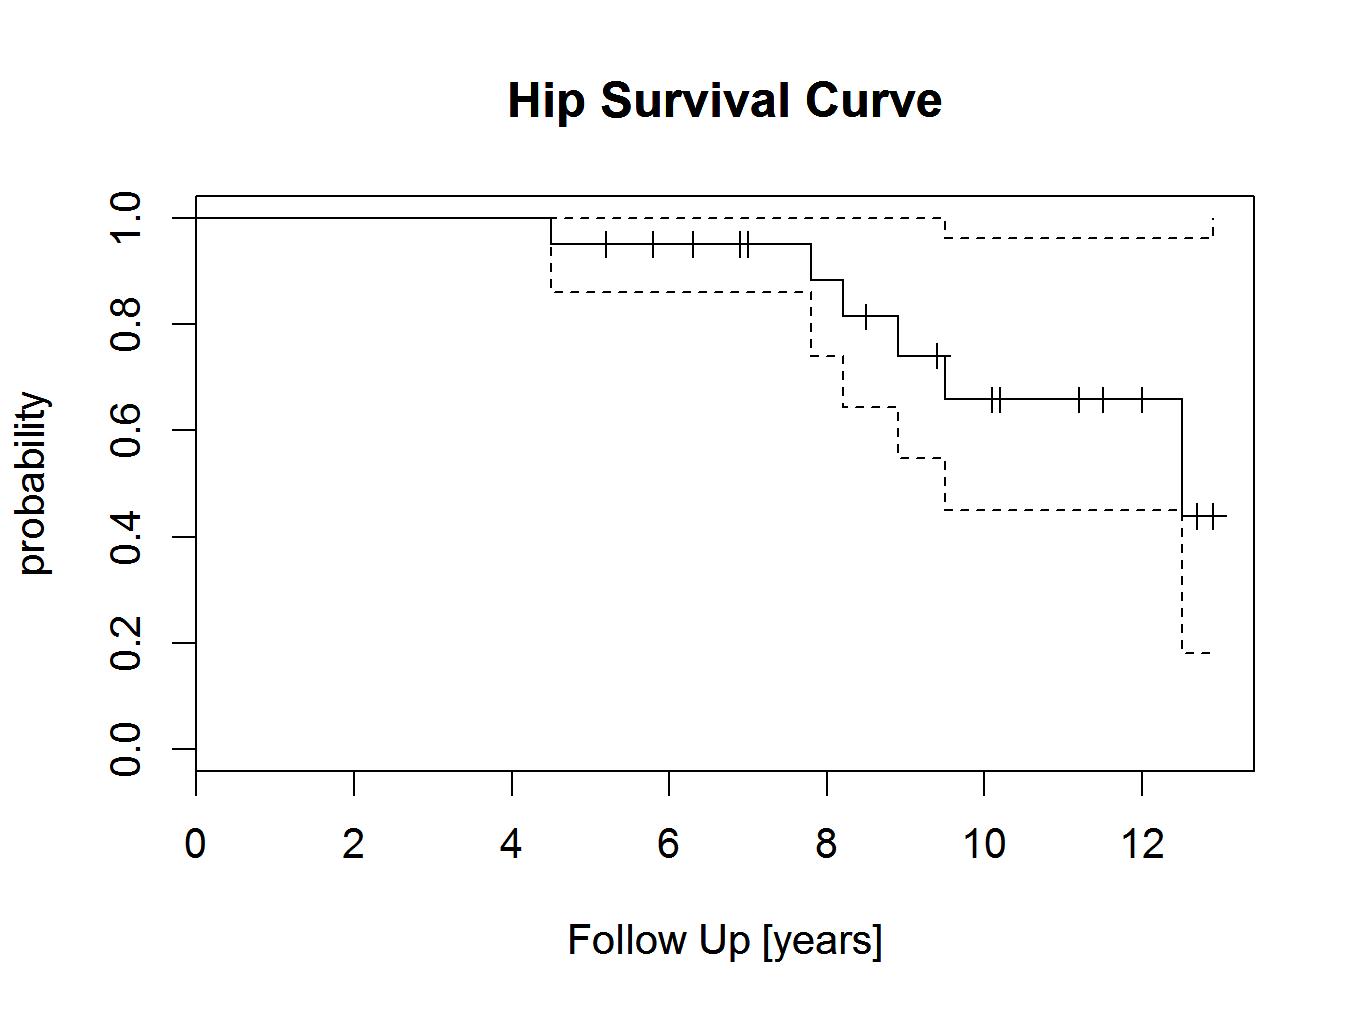 survivalplot3